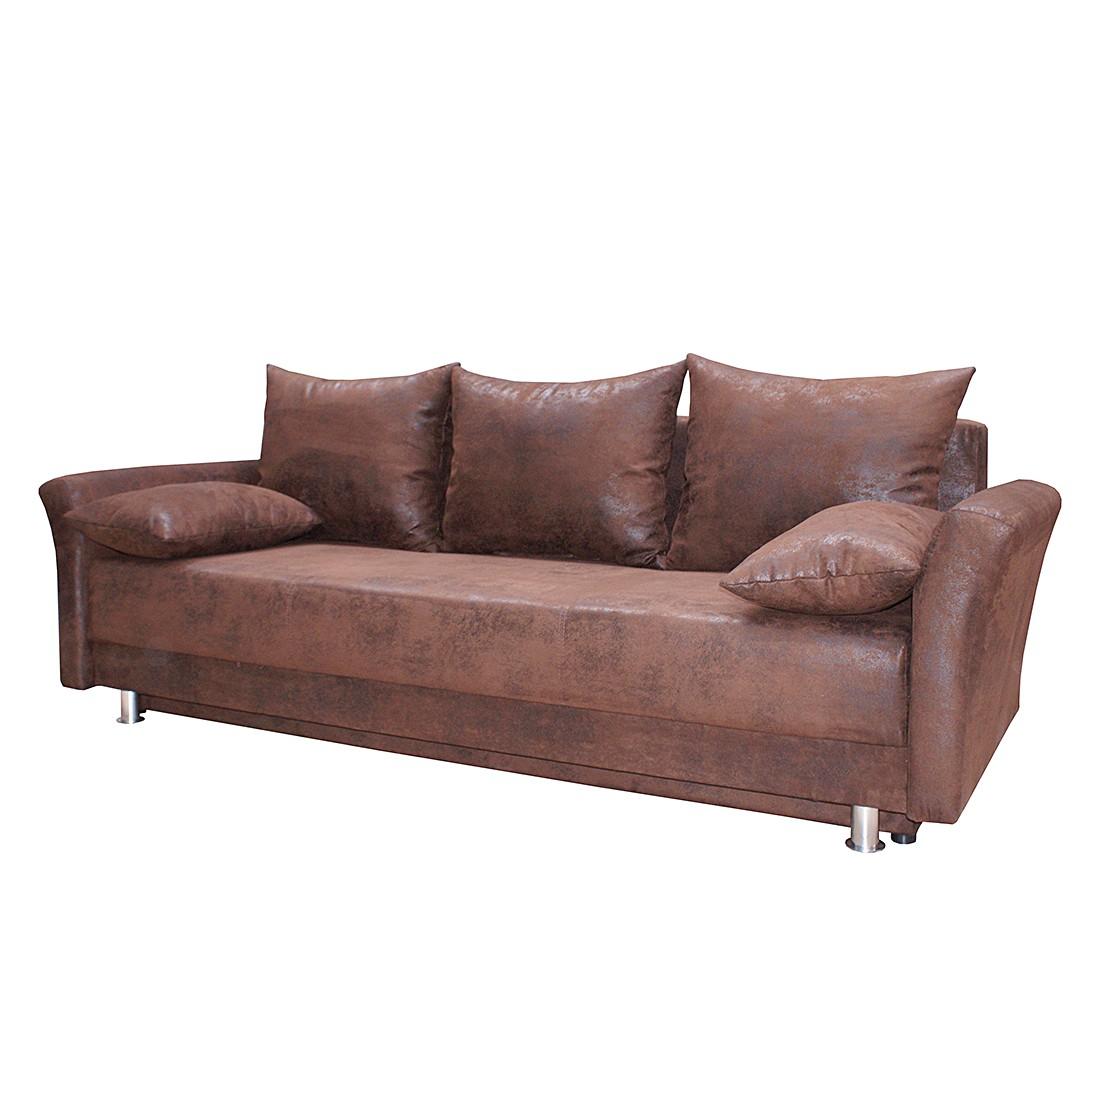 schlafsofas 140 breit preisvergleiche. Black Bedroom Furniture Sets. Home Design Ideas